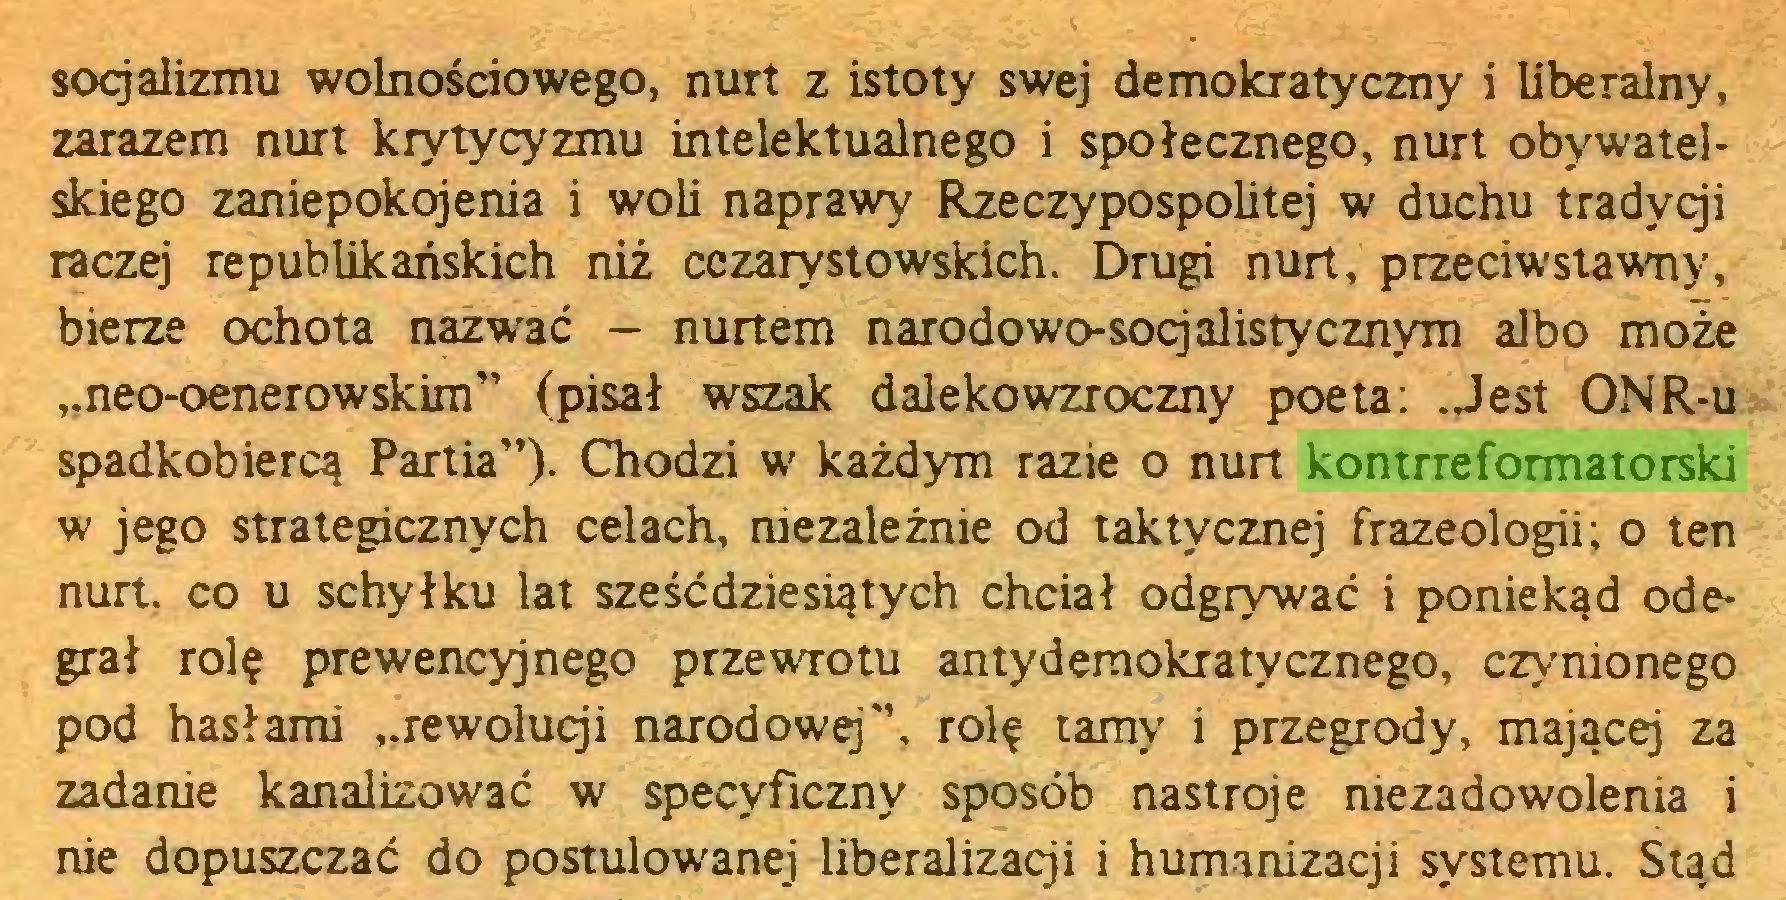 """(...) socjalizmu wolnościowego, nurt z istoty swej demokratyczny i liberalny, zarazem nurt krytycyzmu intelektualnego i społecznego, nurt obywatelskiego zaniepokojenia i woli naprawy Rzeczypospolitej w duchu tradycji raczej republikańskich niż cczarystowskich. Drugi nurt, przeciwstawny, bierze ochota nazwać - nurtem narodowo-socjalistycznym albo może ,.neo-oenerowskim"""" (pisał wszak dalekowzroczny poeta: .Jest ONR-u spadkobiercą Partia"""")- Chodzi w każdym razie o nurt kontrreformatorski w jego strategicznych celach, niezależnie od taktycznej frazeologii; o ten nurt, co u schyłku lat sześćdziesiątych chciał odgrywać i poniekąd odegrał rolę prewencyjnego przewrotu antydemokratycznego, czynionego pod hasłami """"rewolucji narodowej"""", rolę tamy i przegrody, mającej za zadanie kanalizować w specyficzny sposób nastroje niezadowolenia i nie dopuszczać do postulowanej liberalizacji i humanizacji systemu. Stąd..."""